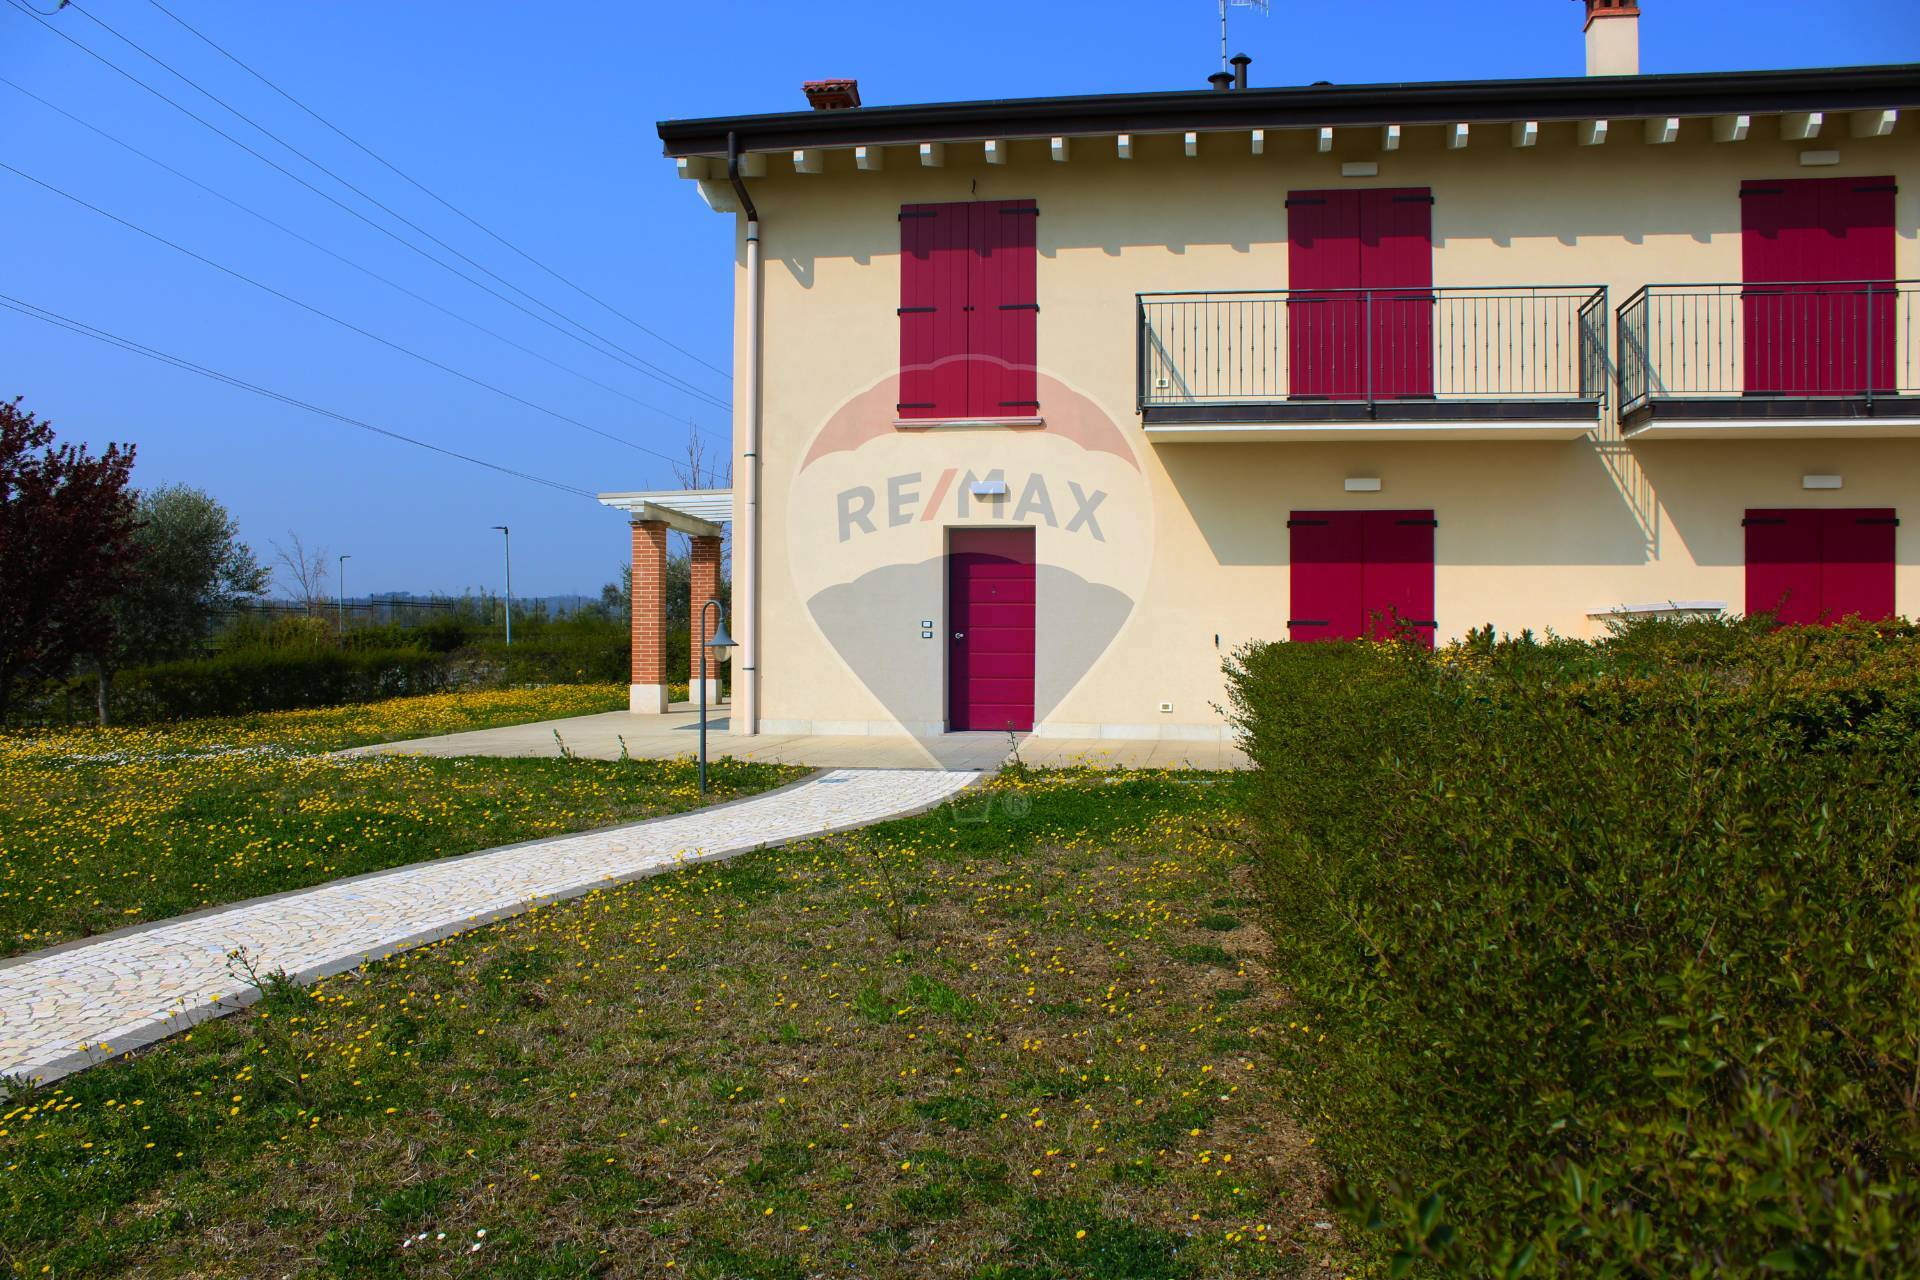 Villa a Schiera in vendita a Desenzano del Garda, 6 locali, zona Località: RivoltelladelGarda, prezzo € 480.000 | CambioCasa.it